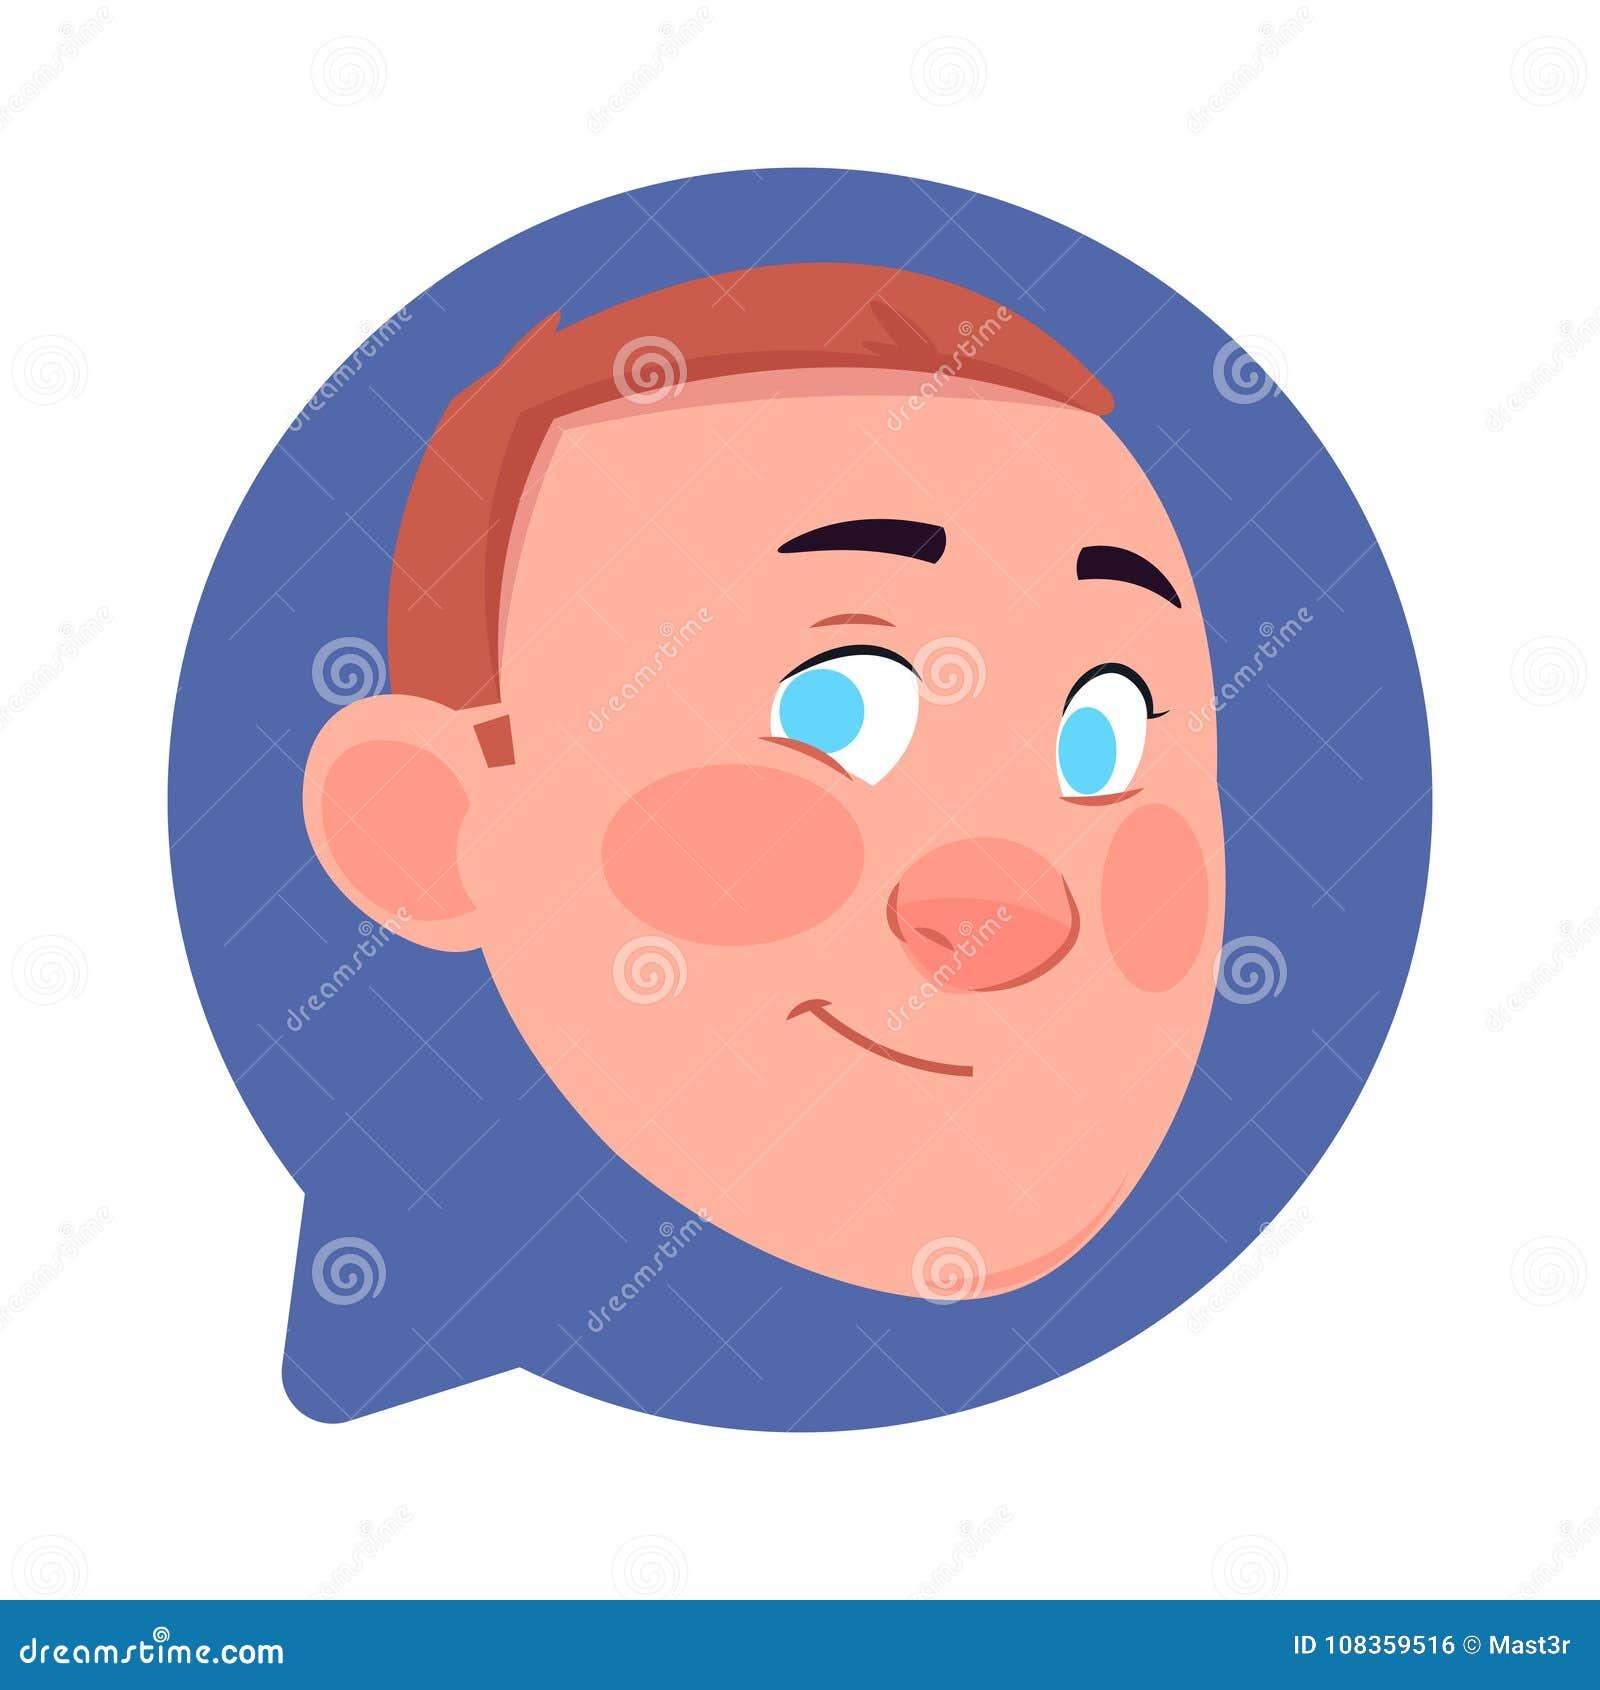 Profil-Ikonen-männlicher Kopf in der Chat-Blase lokalisiert, junger Mann-Avatara-Zeichentrickfilm-Figur-Porträt